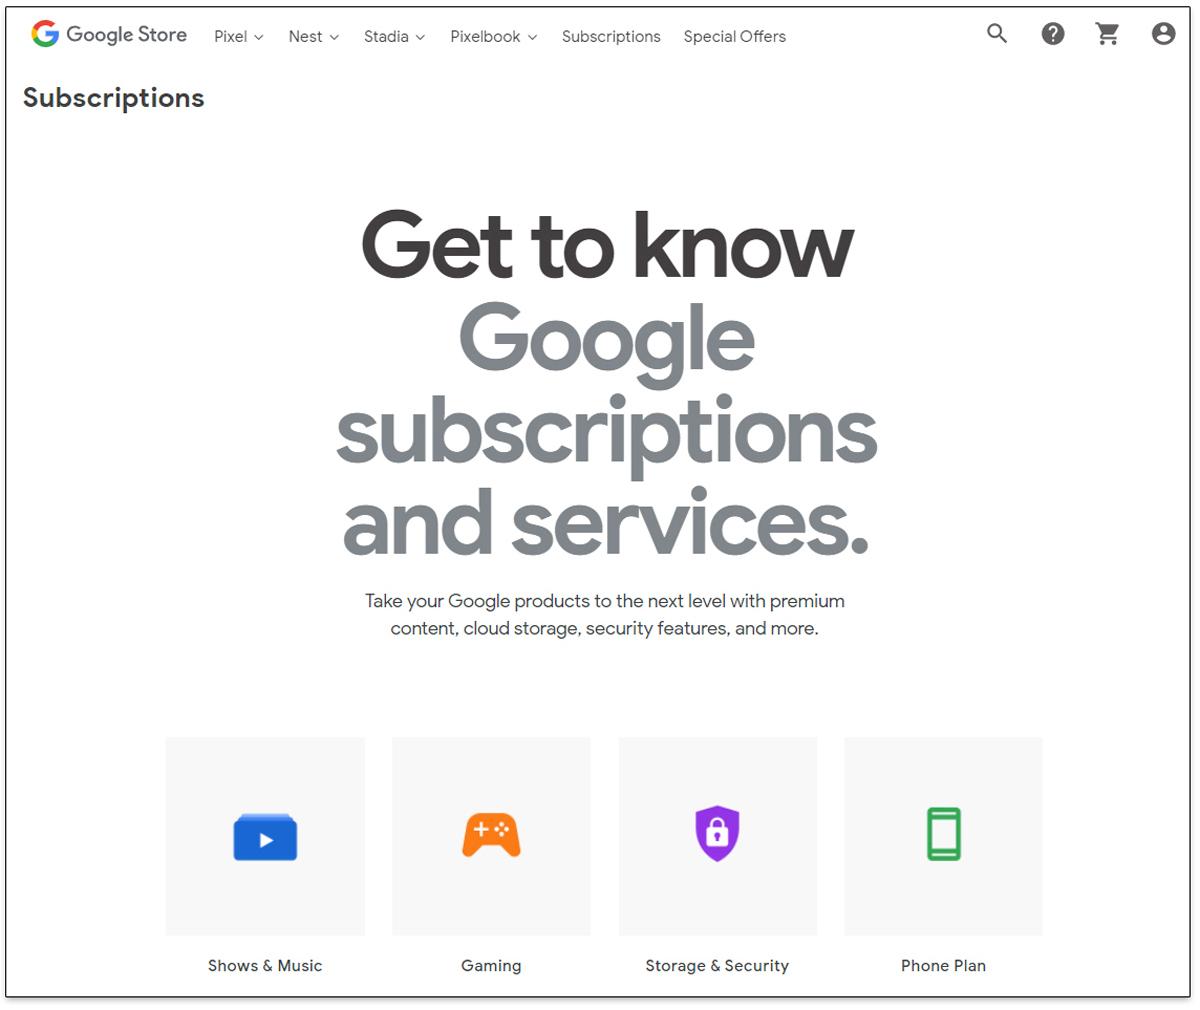 Suscripciones a Google Store